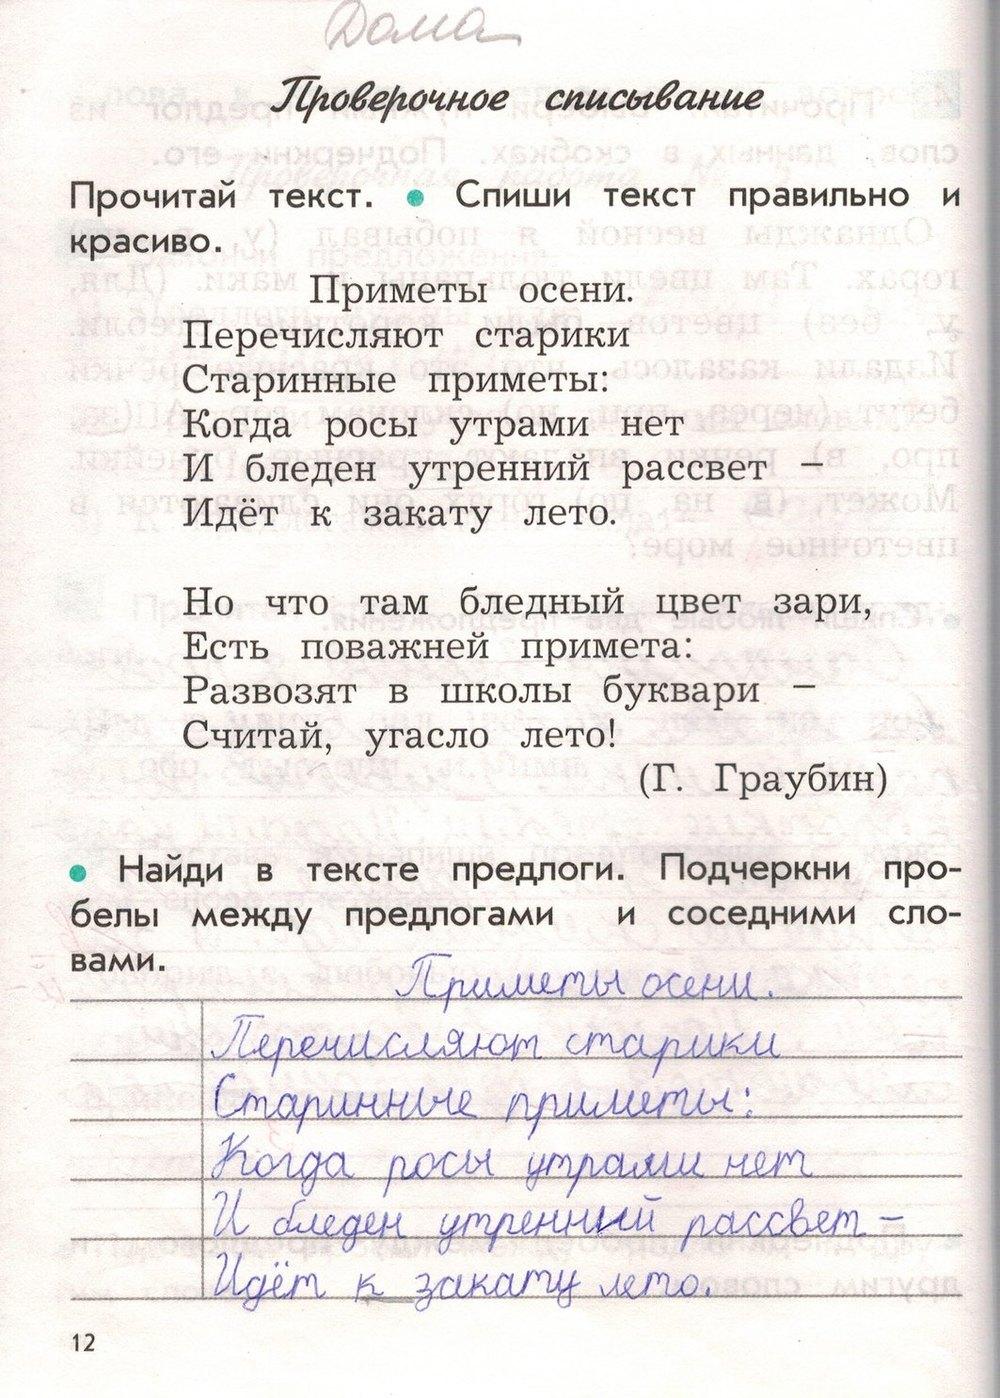 гдз по русскому языку 3 класс проверочная работа 1 вариант 1